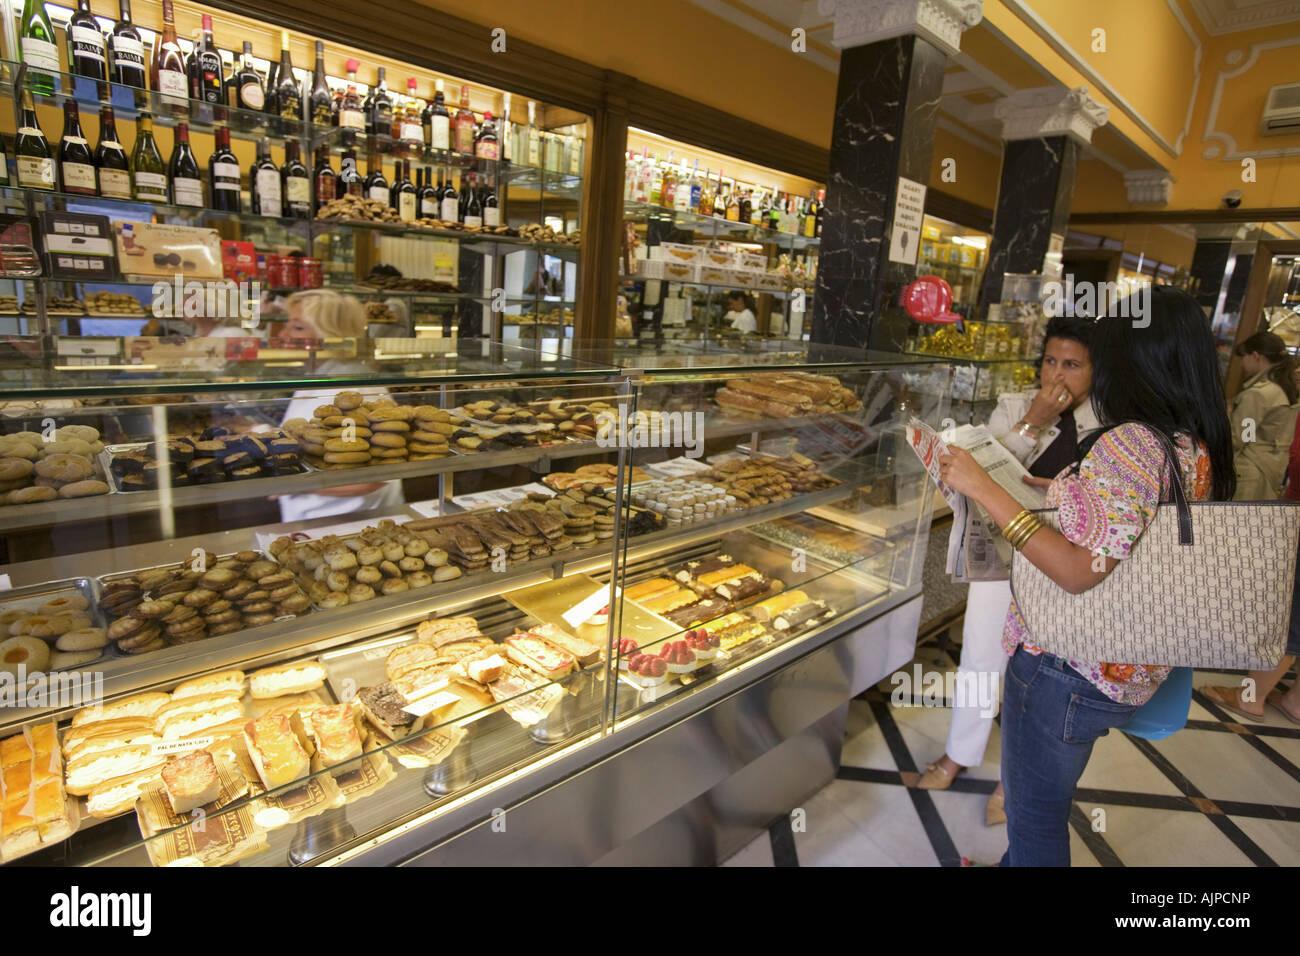 Barcelona Pasteleria La Colmena interieur Stock Photo